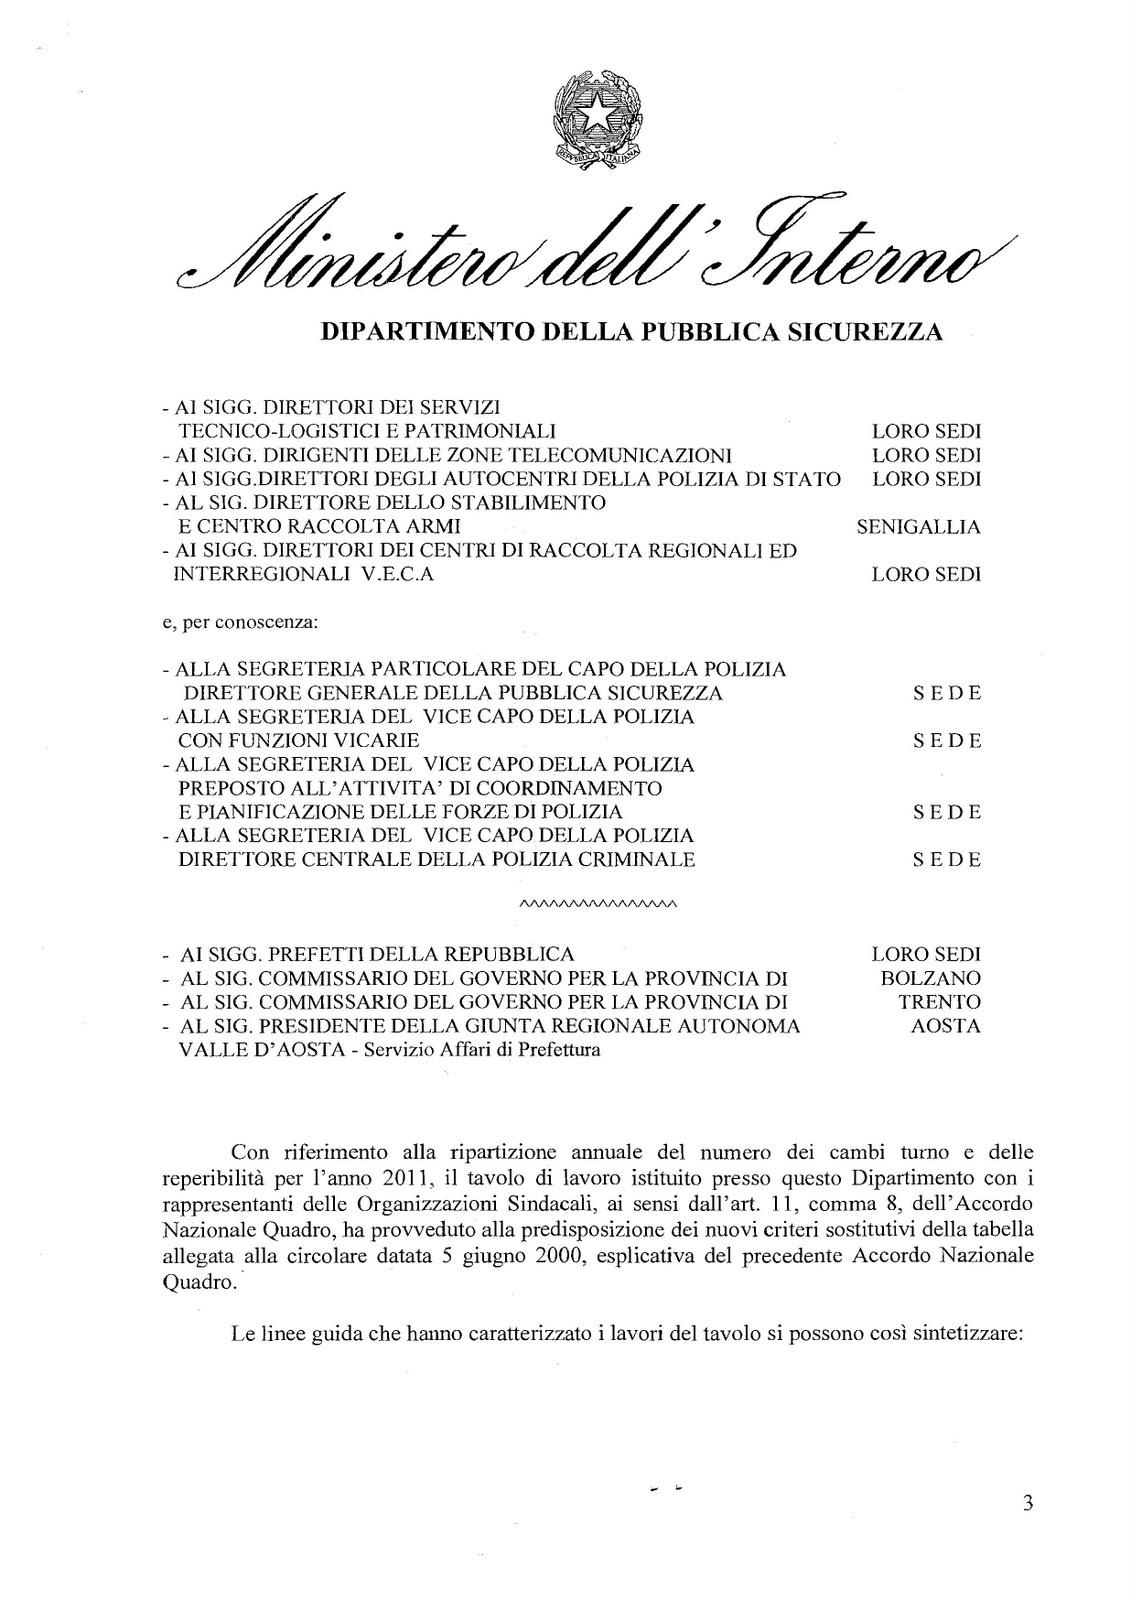 Lpd ministero dell 39 interno dipartimento della p s for Ministero interno p iva